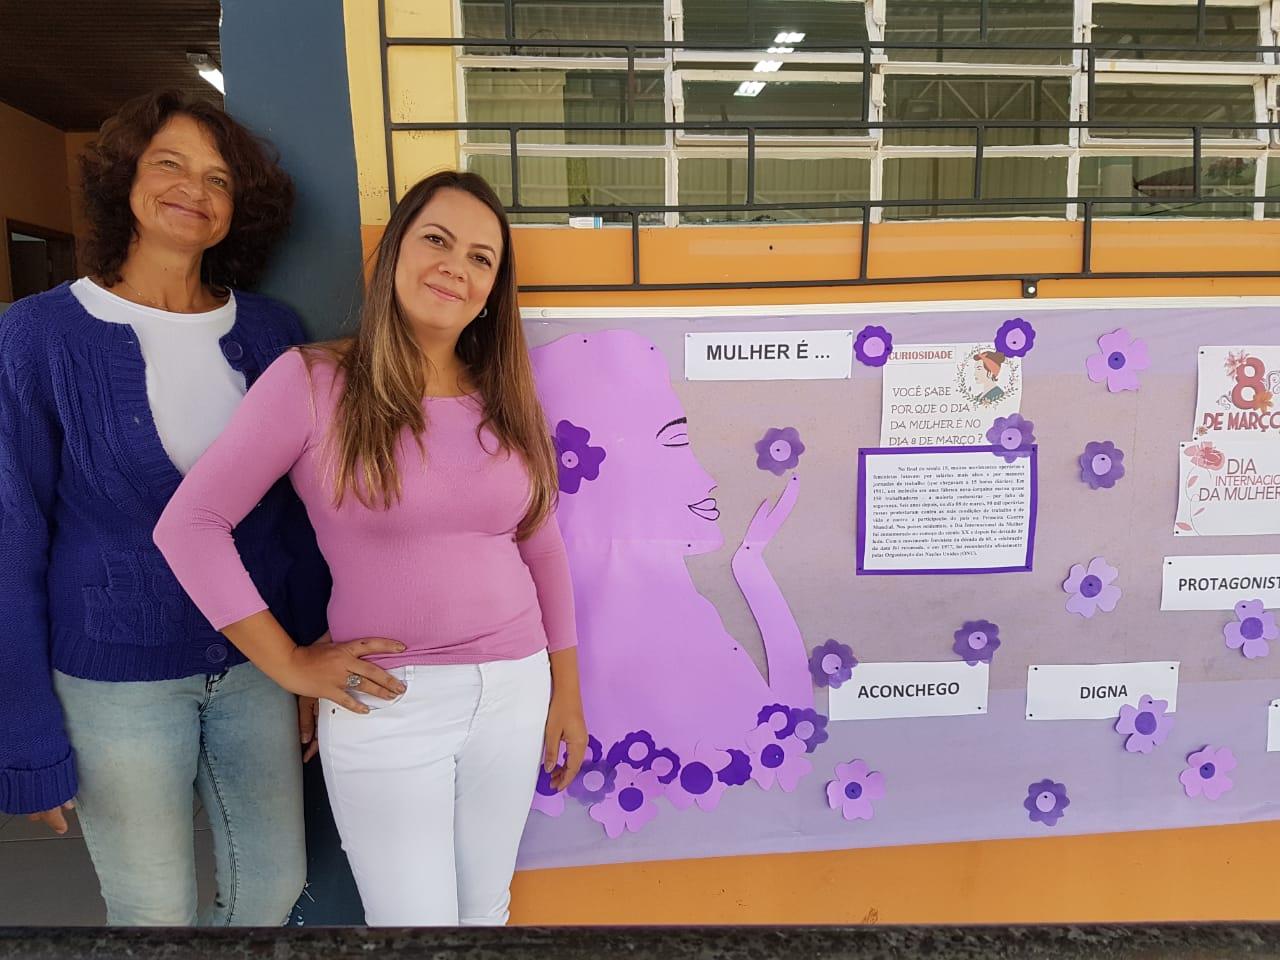 Mês lilás para conscientizar ações no combate a violência contra a mulher